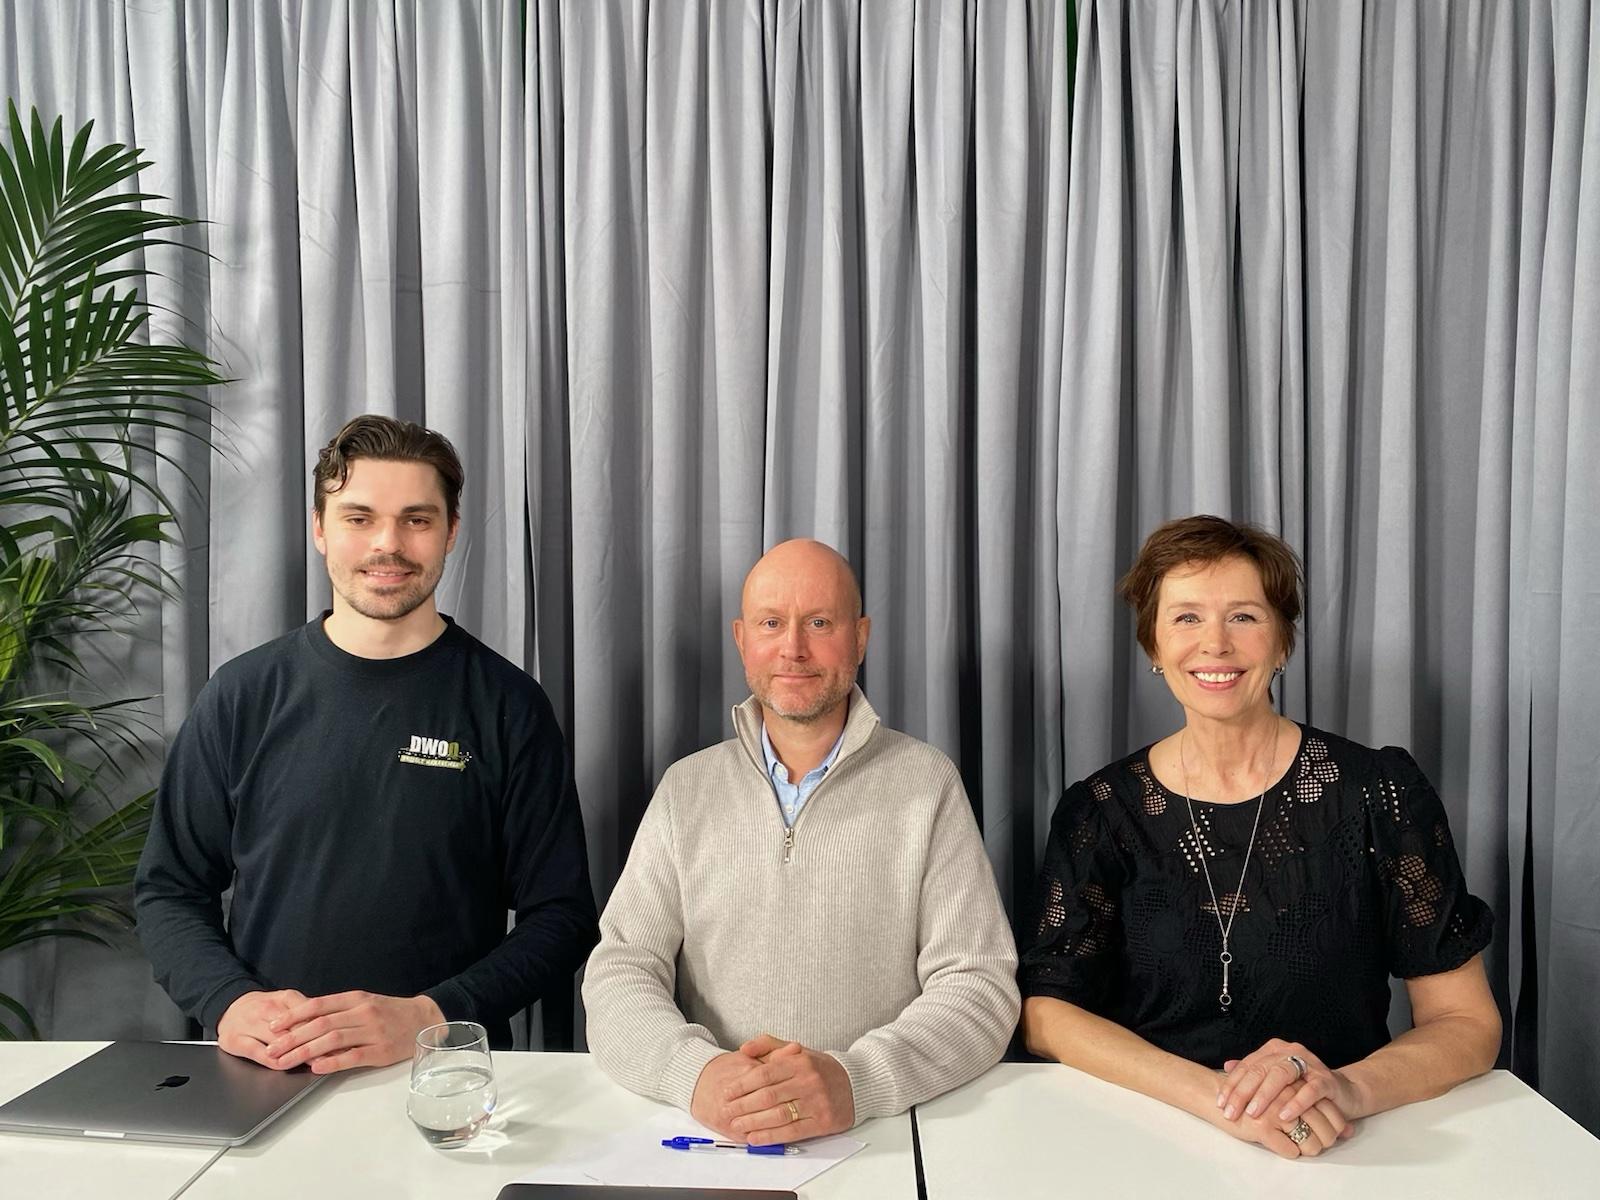 Fredik Larsson och Urban Bladin iDWOQ Project Management i Borättstudion tillsammans med programledaren Anette Ullberg